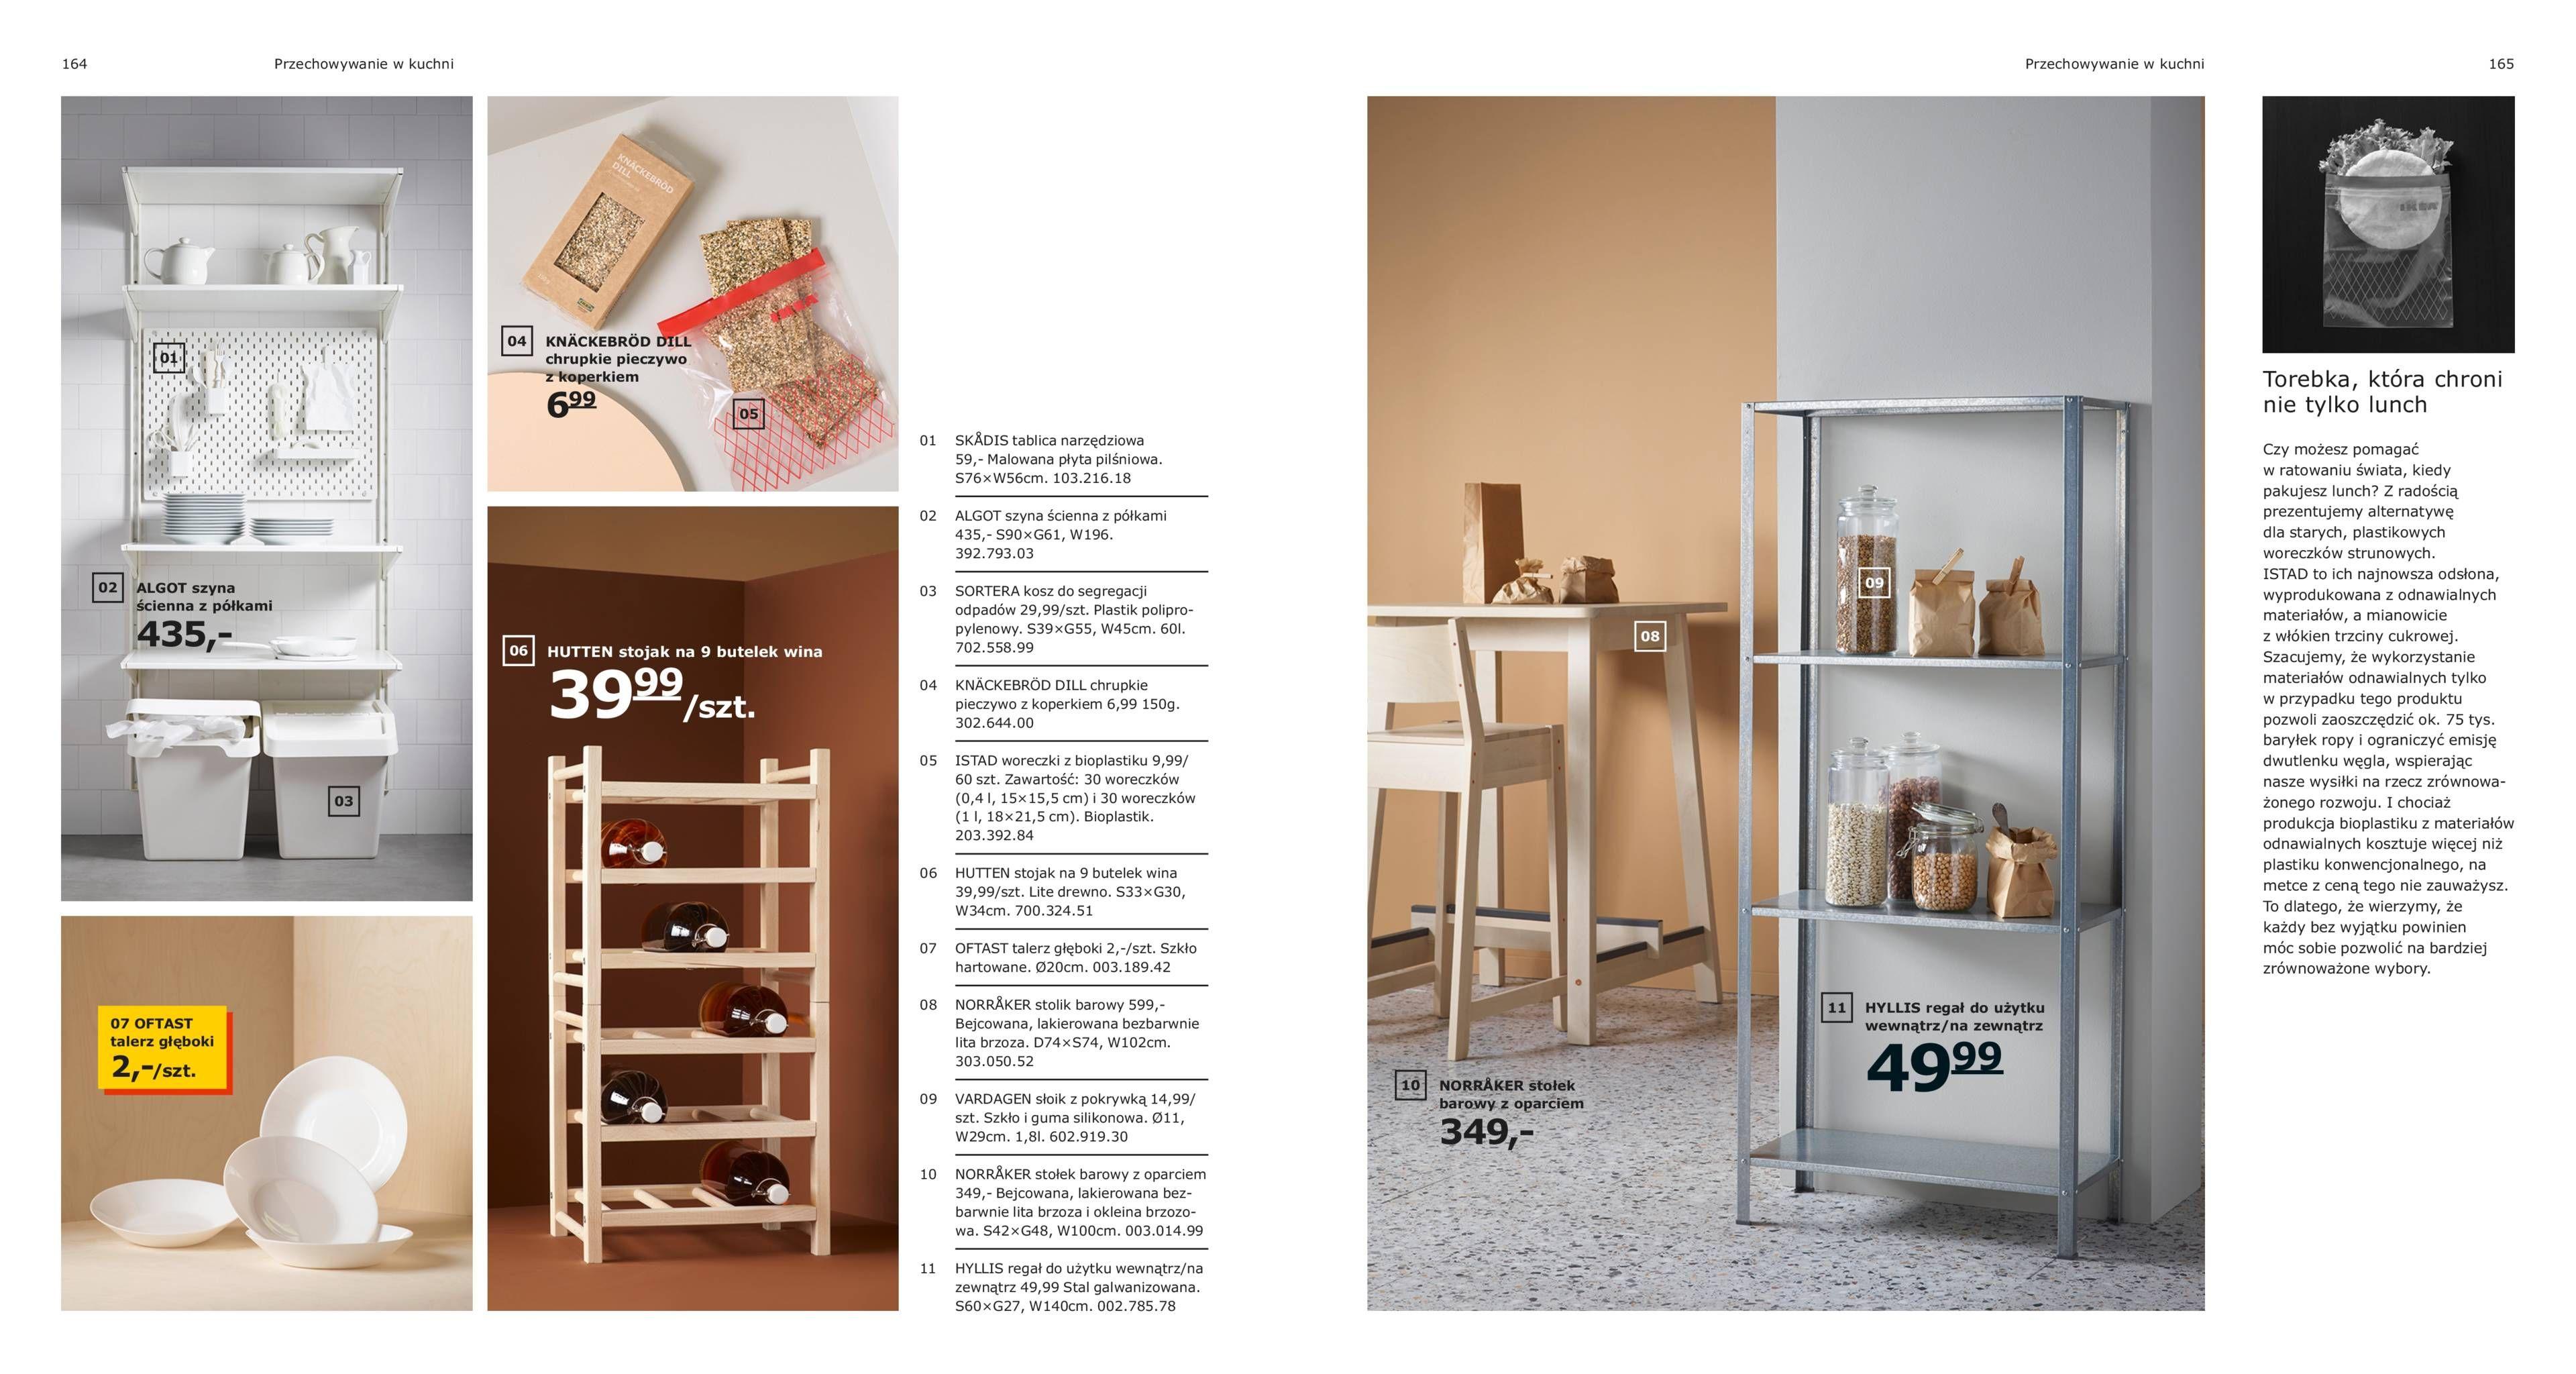 Kuchnia Katalog Ikea 2019 Wynajęte Pinterest Ikea En Catalog